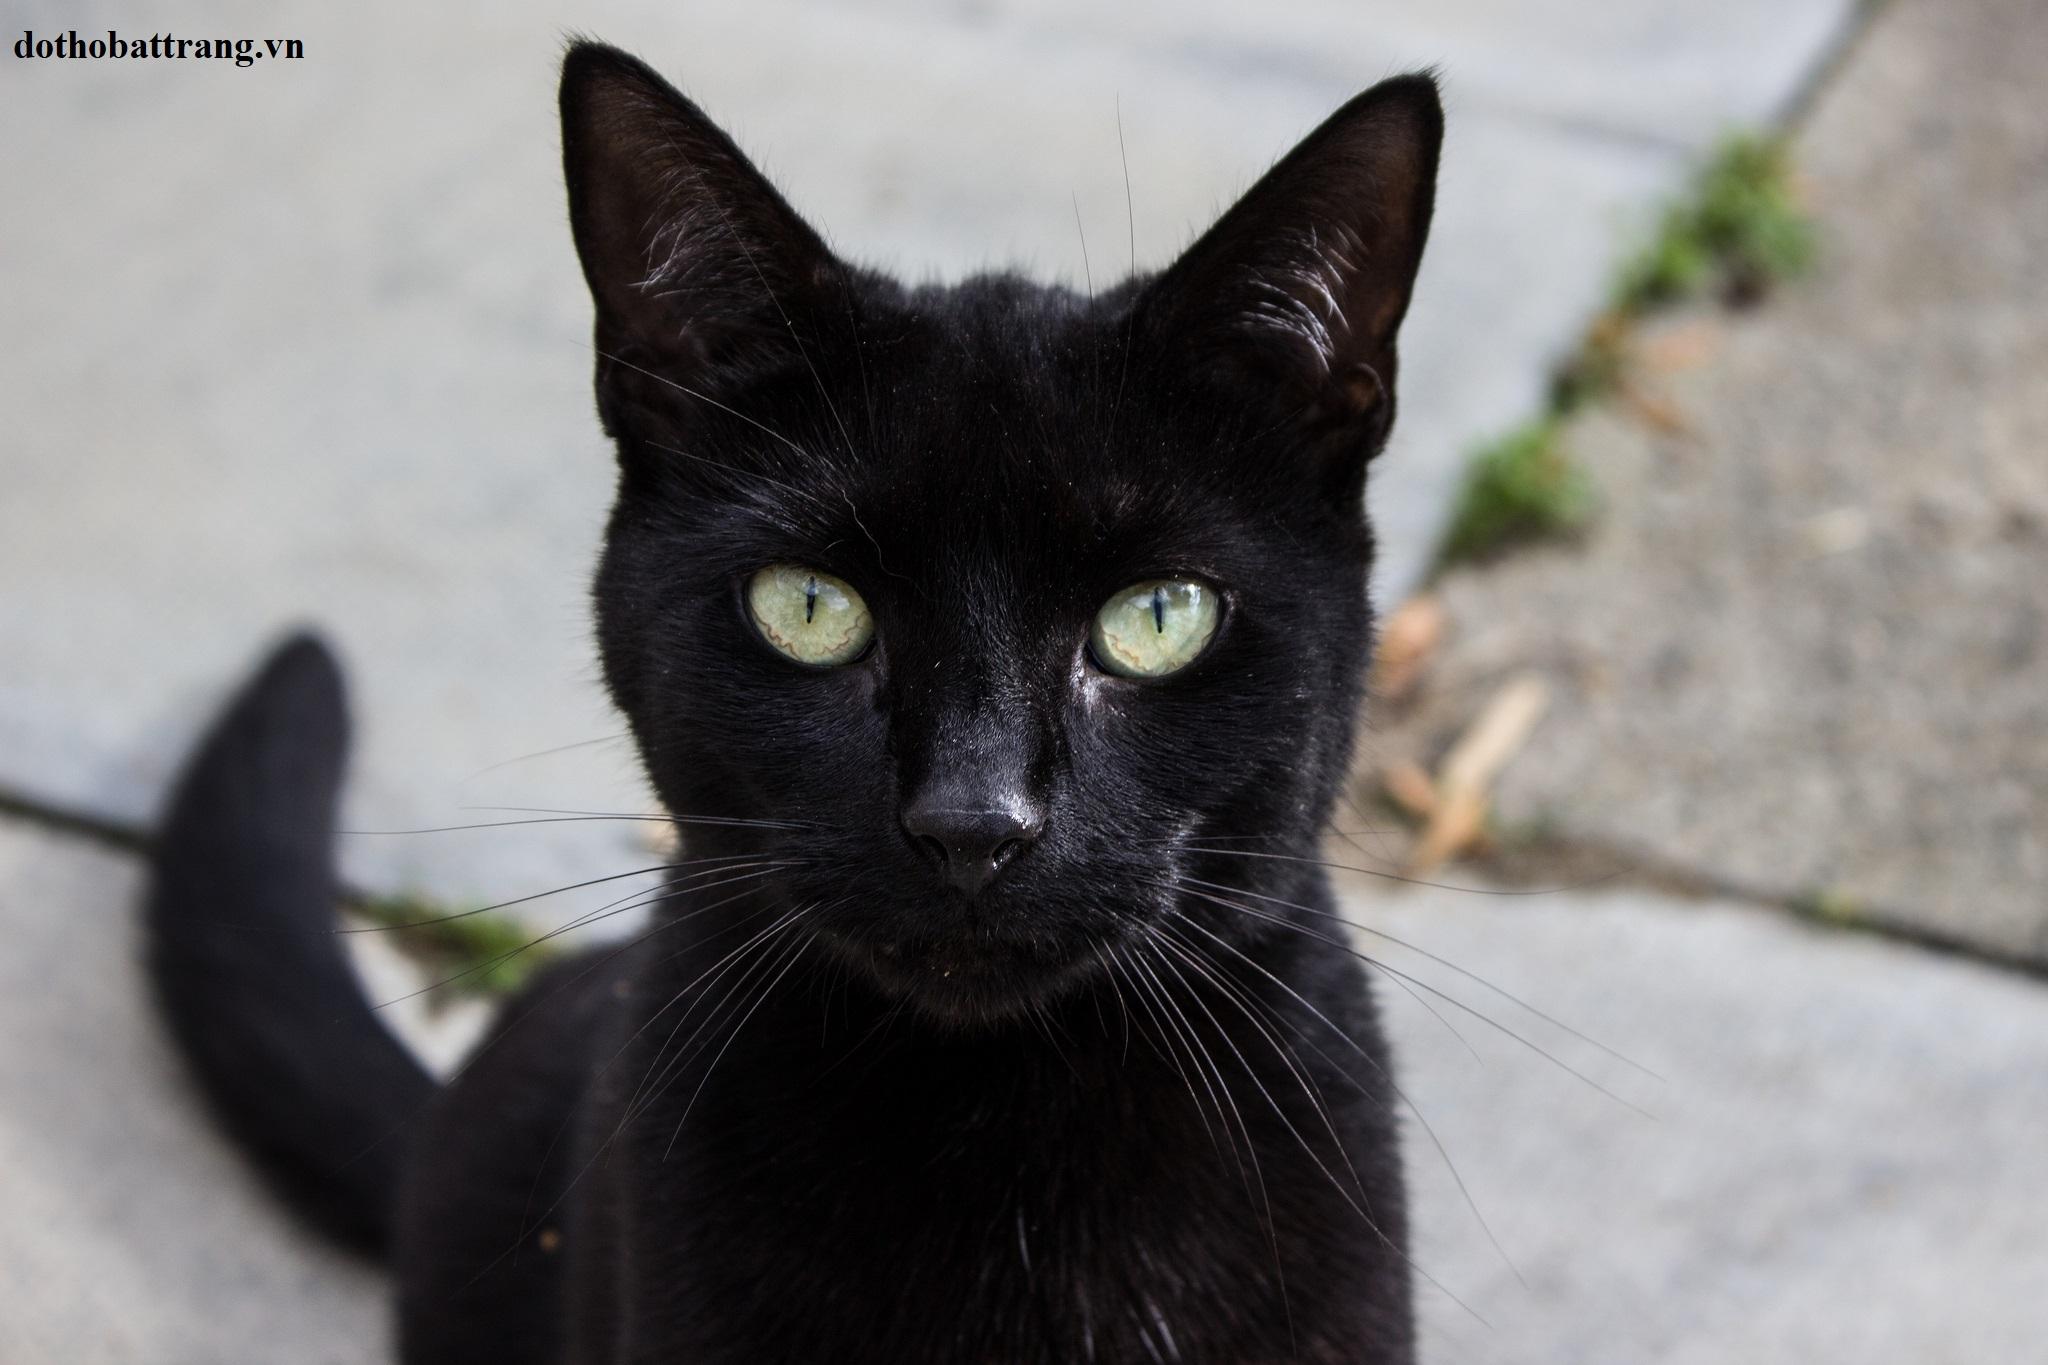 Mơ thấy mèo đen là điềm gì 1